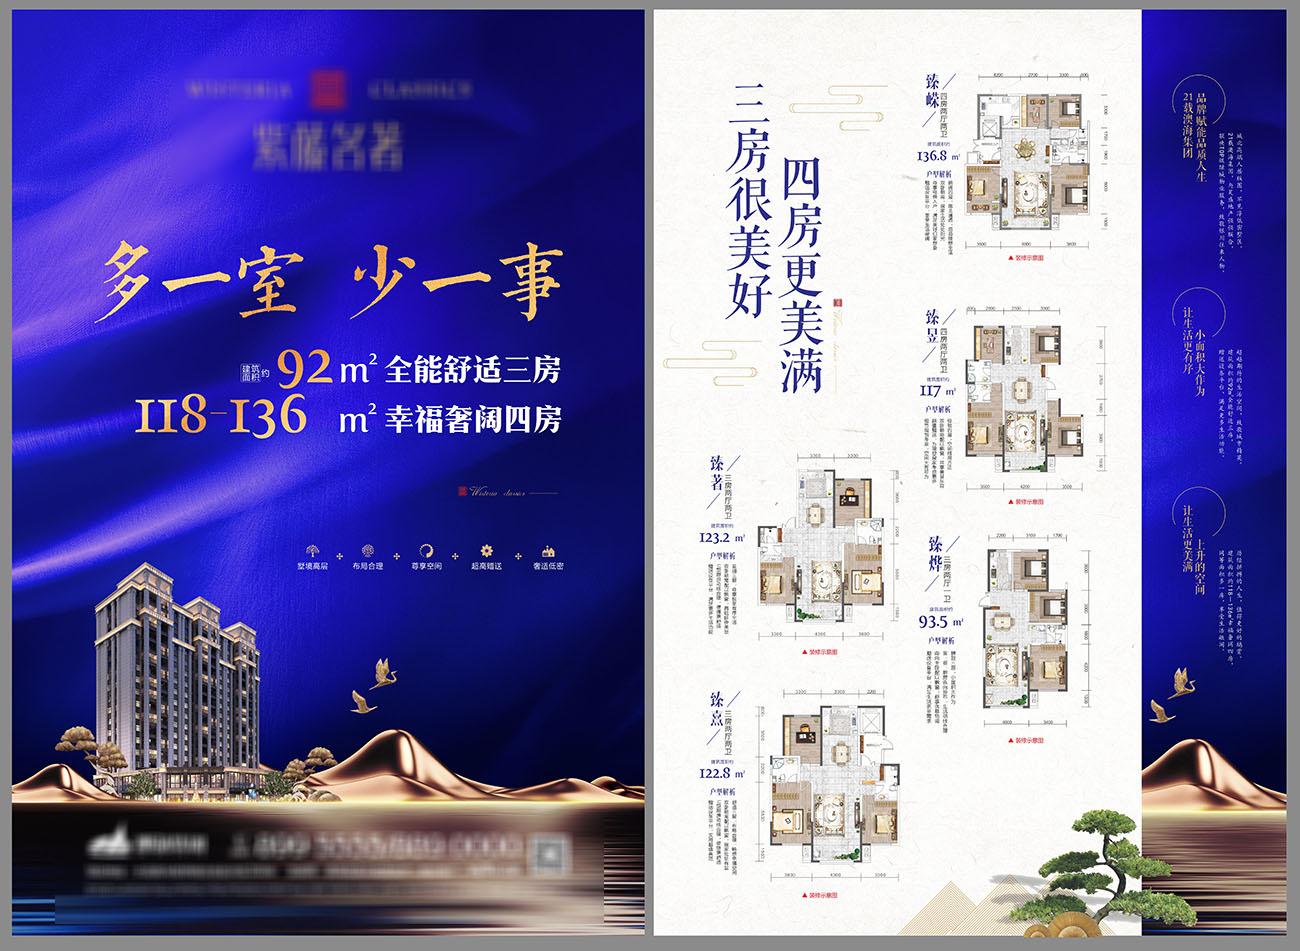 地产蓝金高层住宅三房四房户型价值点DM宣传海报CDR源文件插图